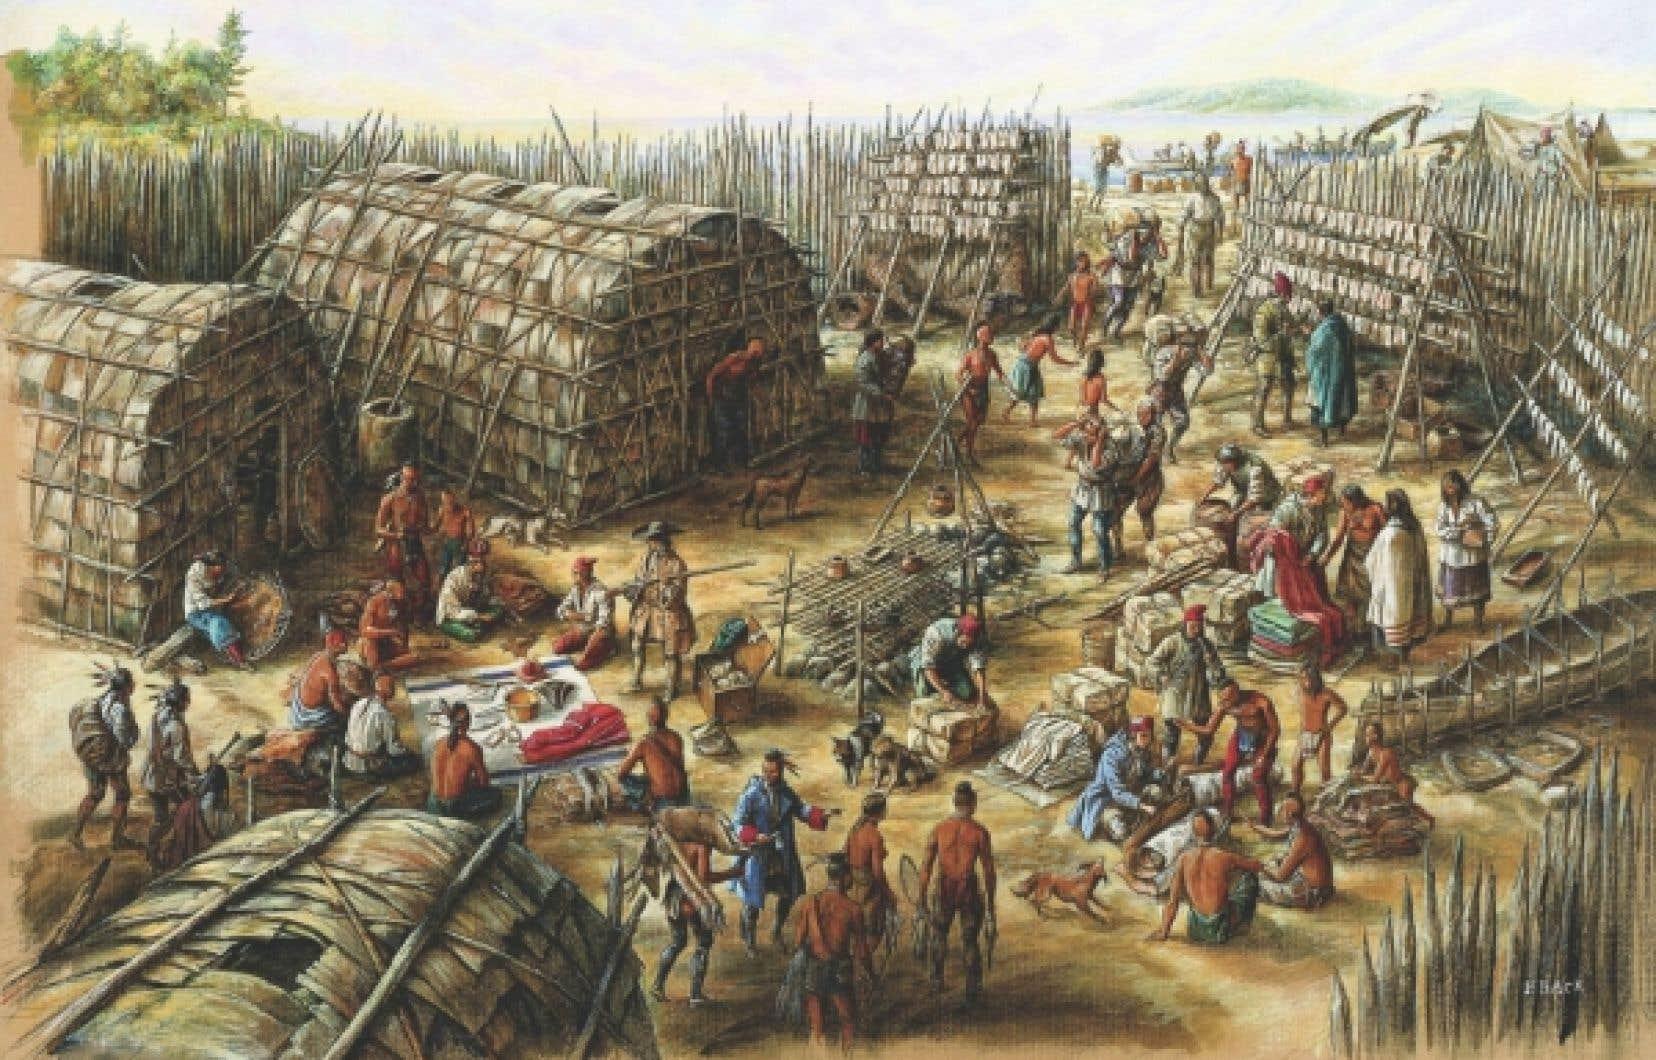 Oeuvre de l'expositionDessiner l'Amérique française : les illustrations de Francis Back